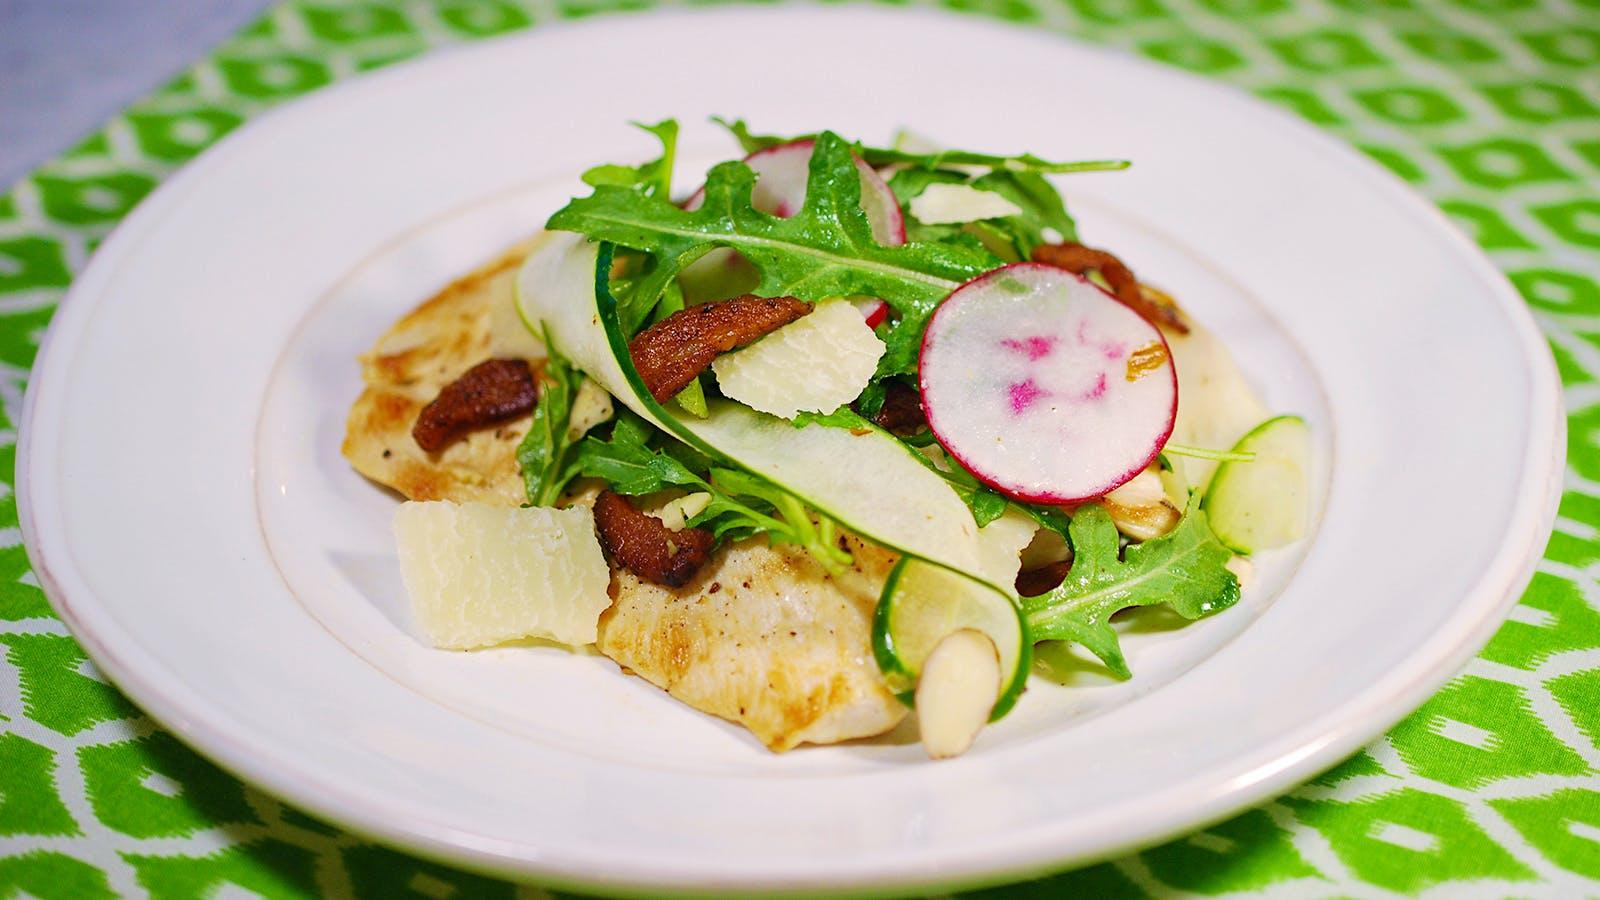 8 20 Recipe Chicken Paillard Salad With A Fresh White Wine Wine Spectator